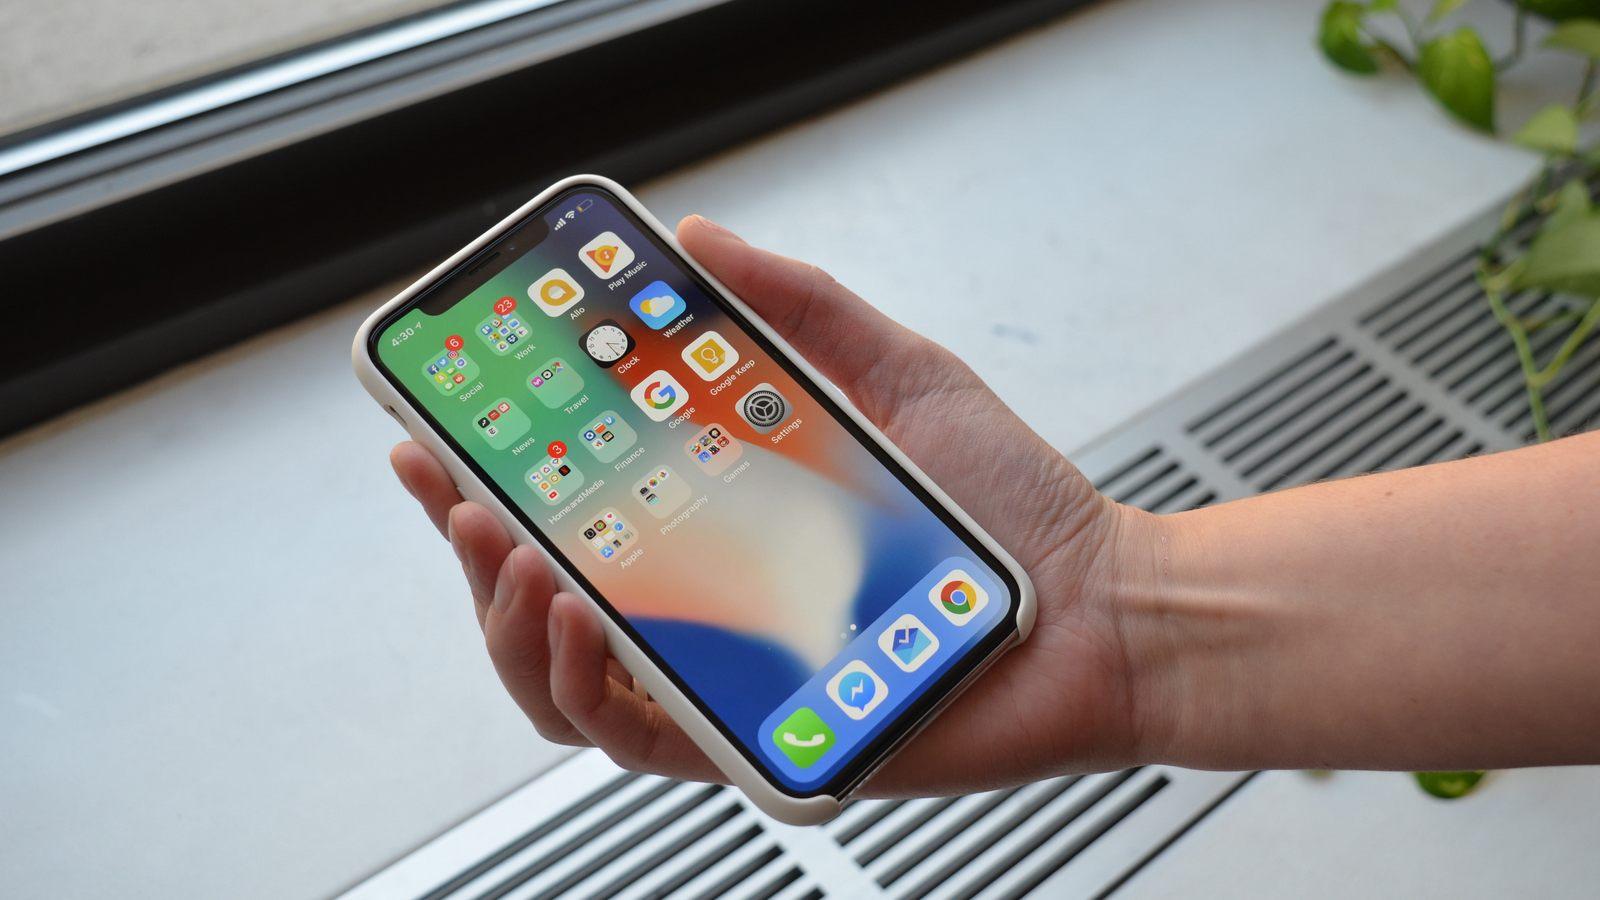 Процессор A11 Bionic ляжет в основу «доступного» iPhone 2018 года